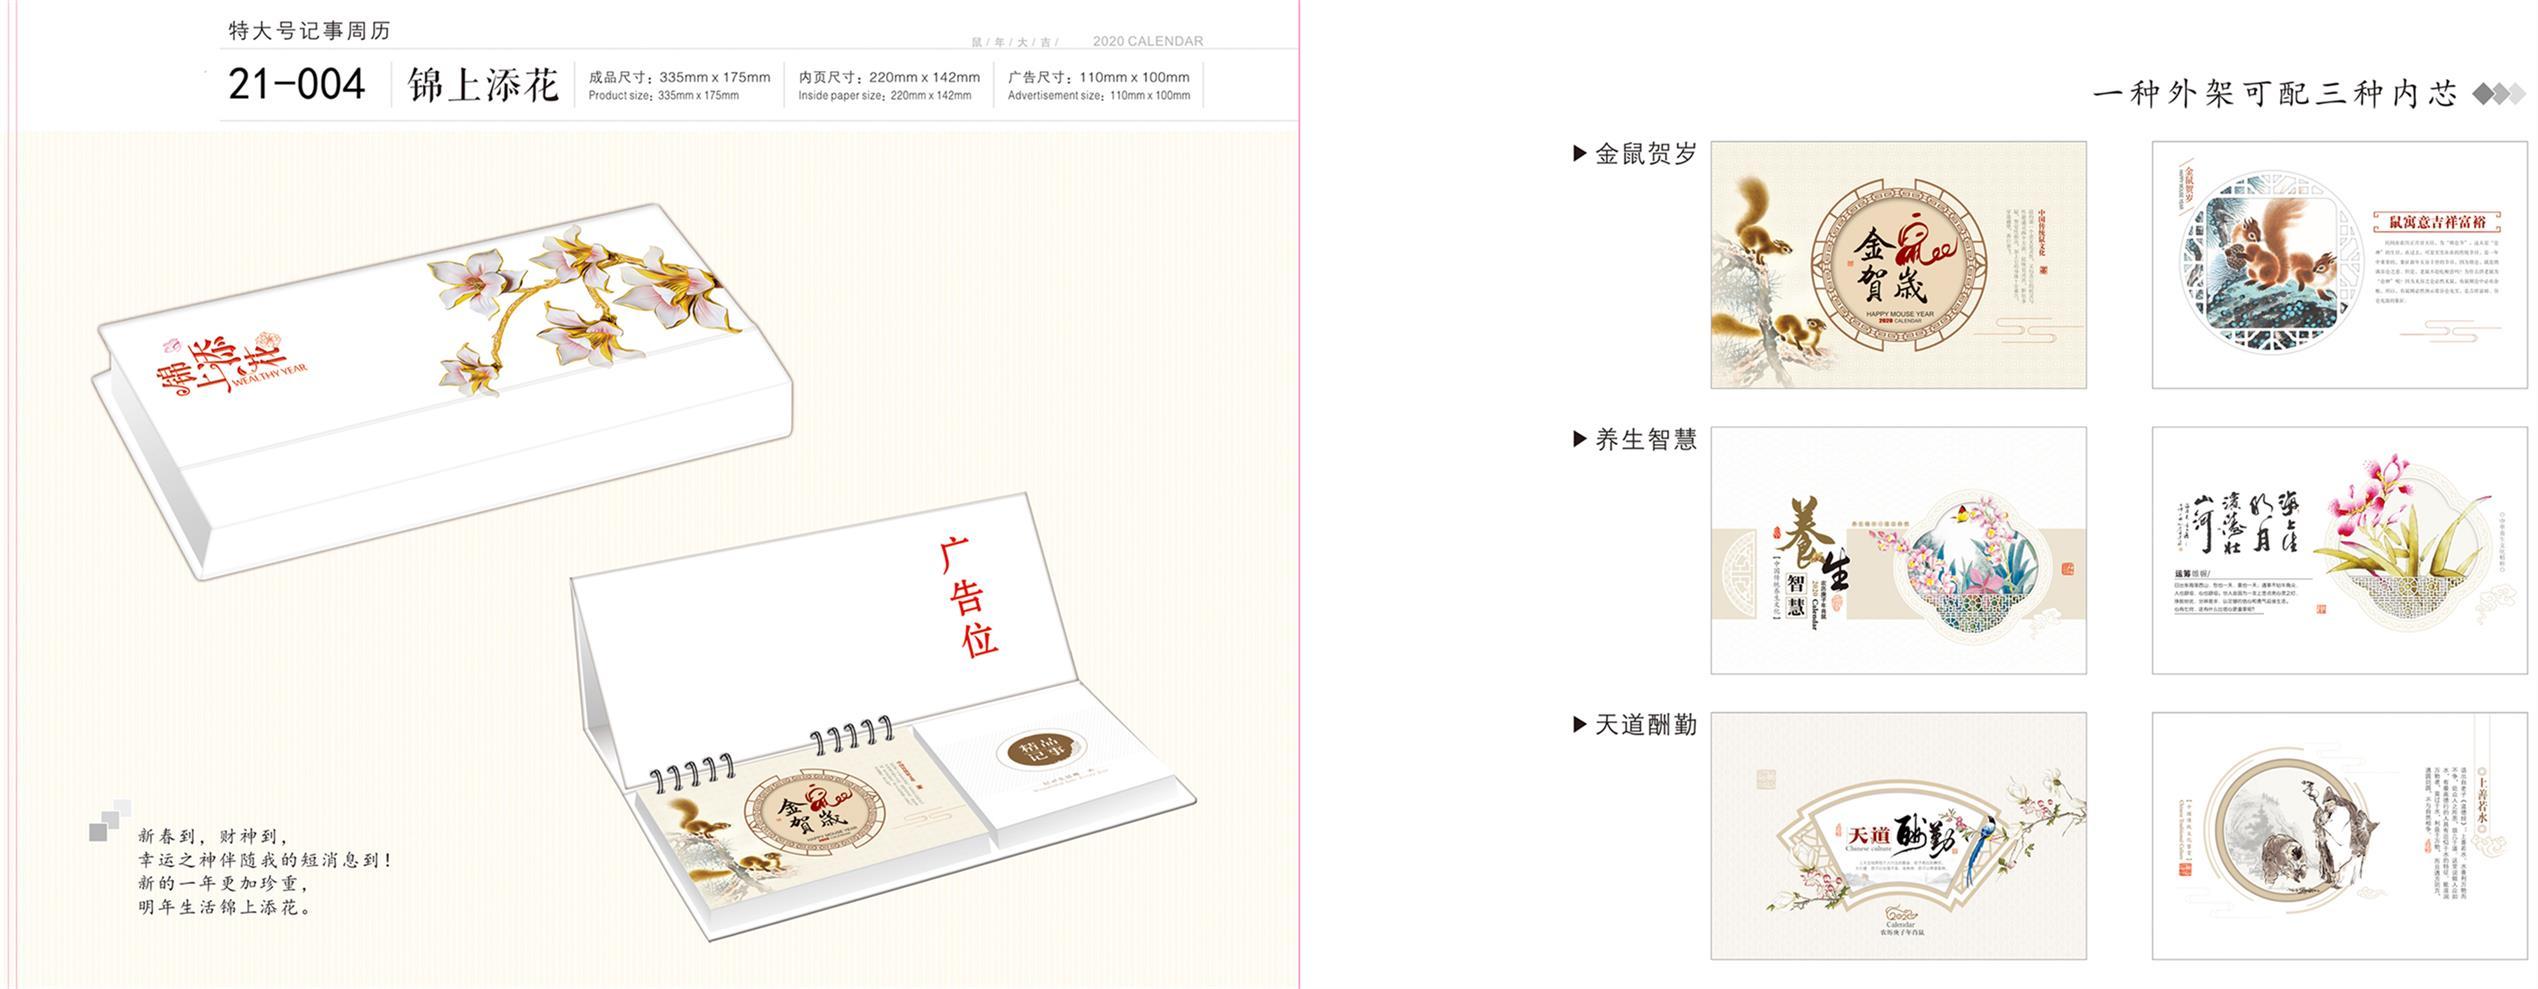 上海文件袋设计 平面设计企业哪家专业